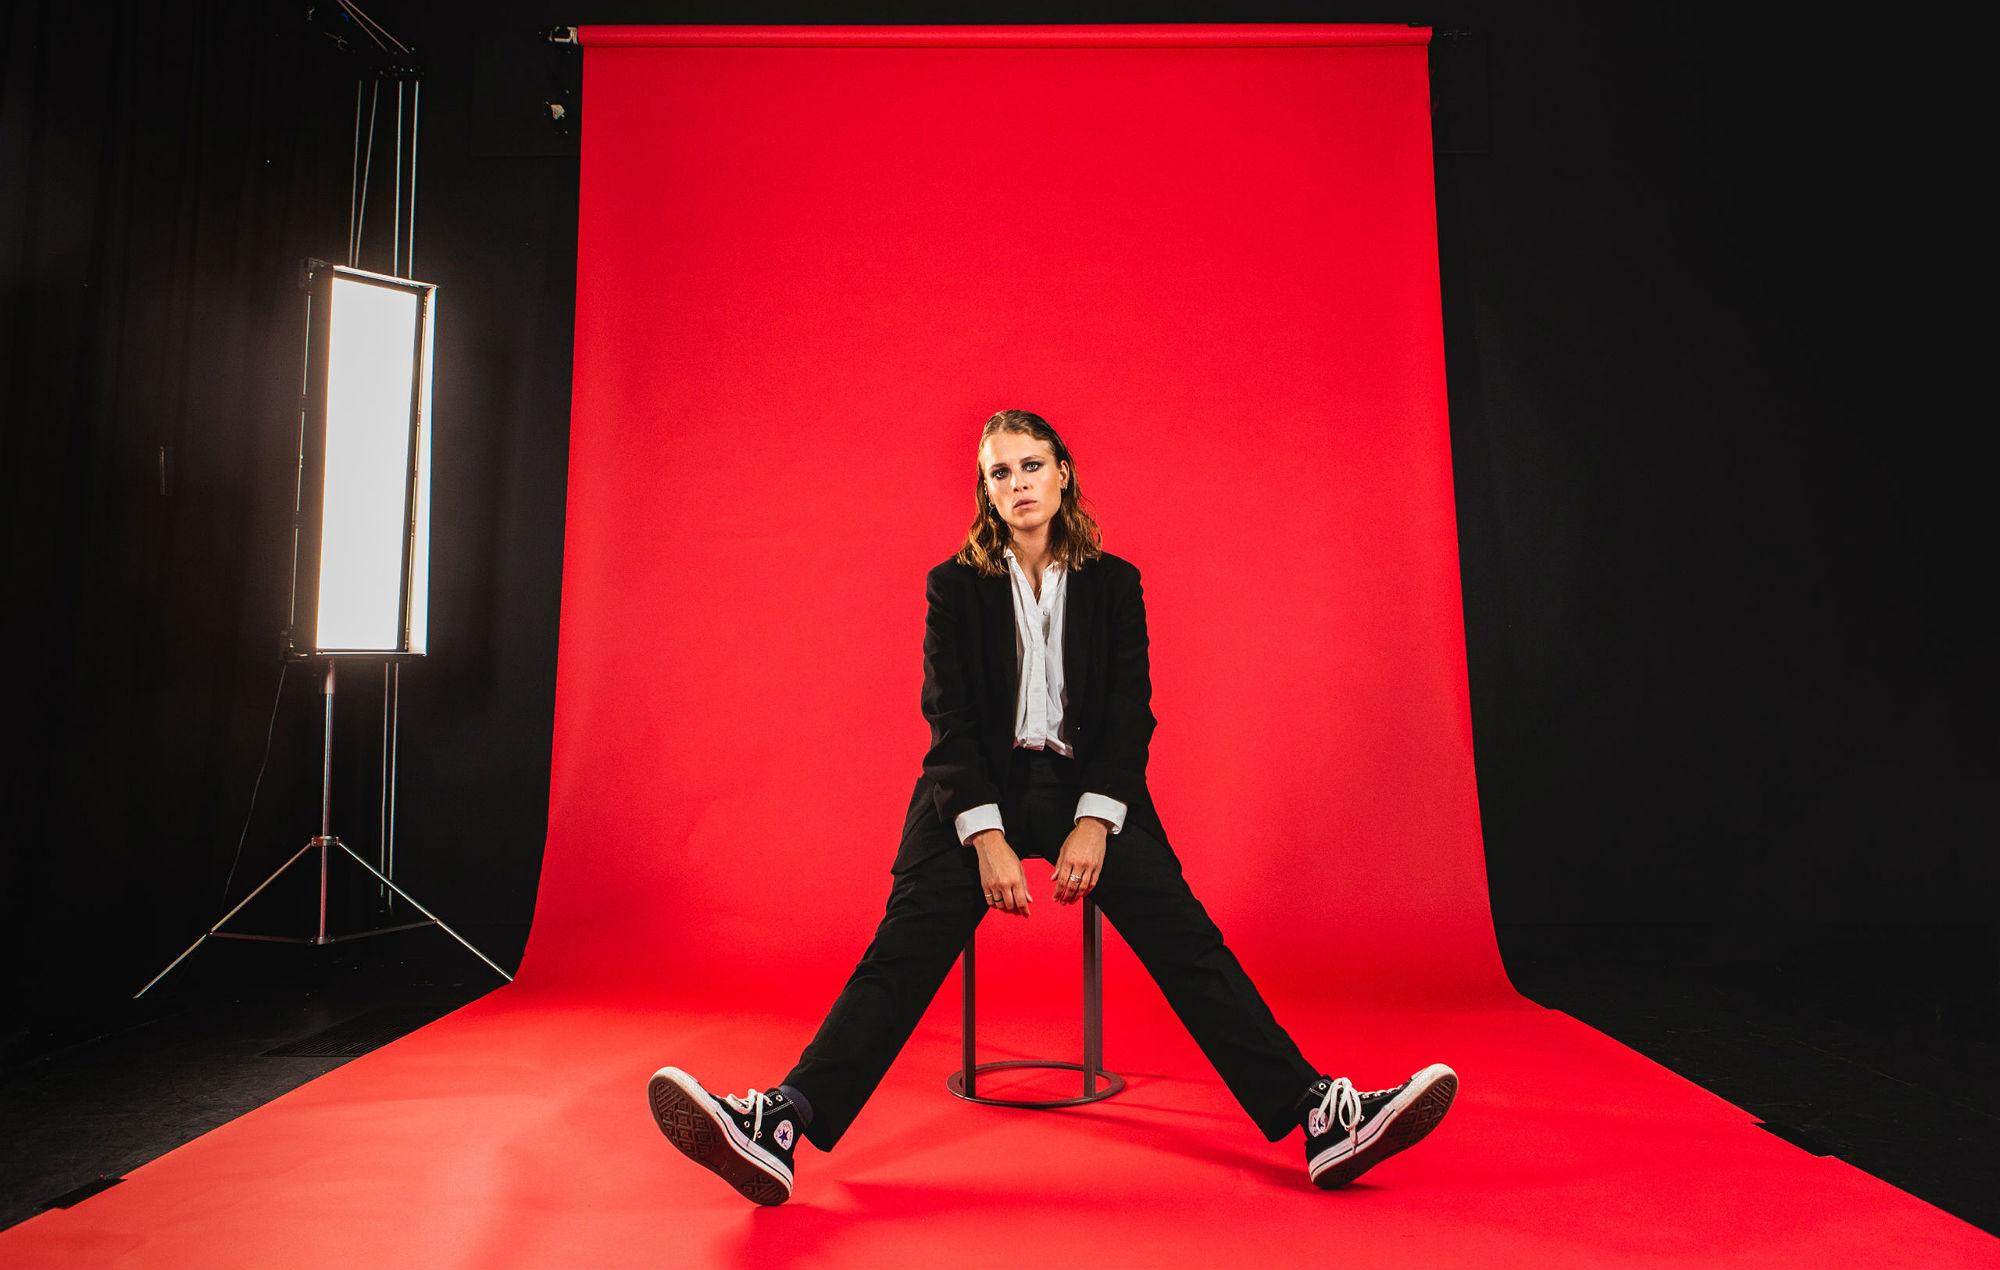 Marika Hackman shot by Jenn Five for NME